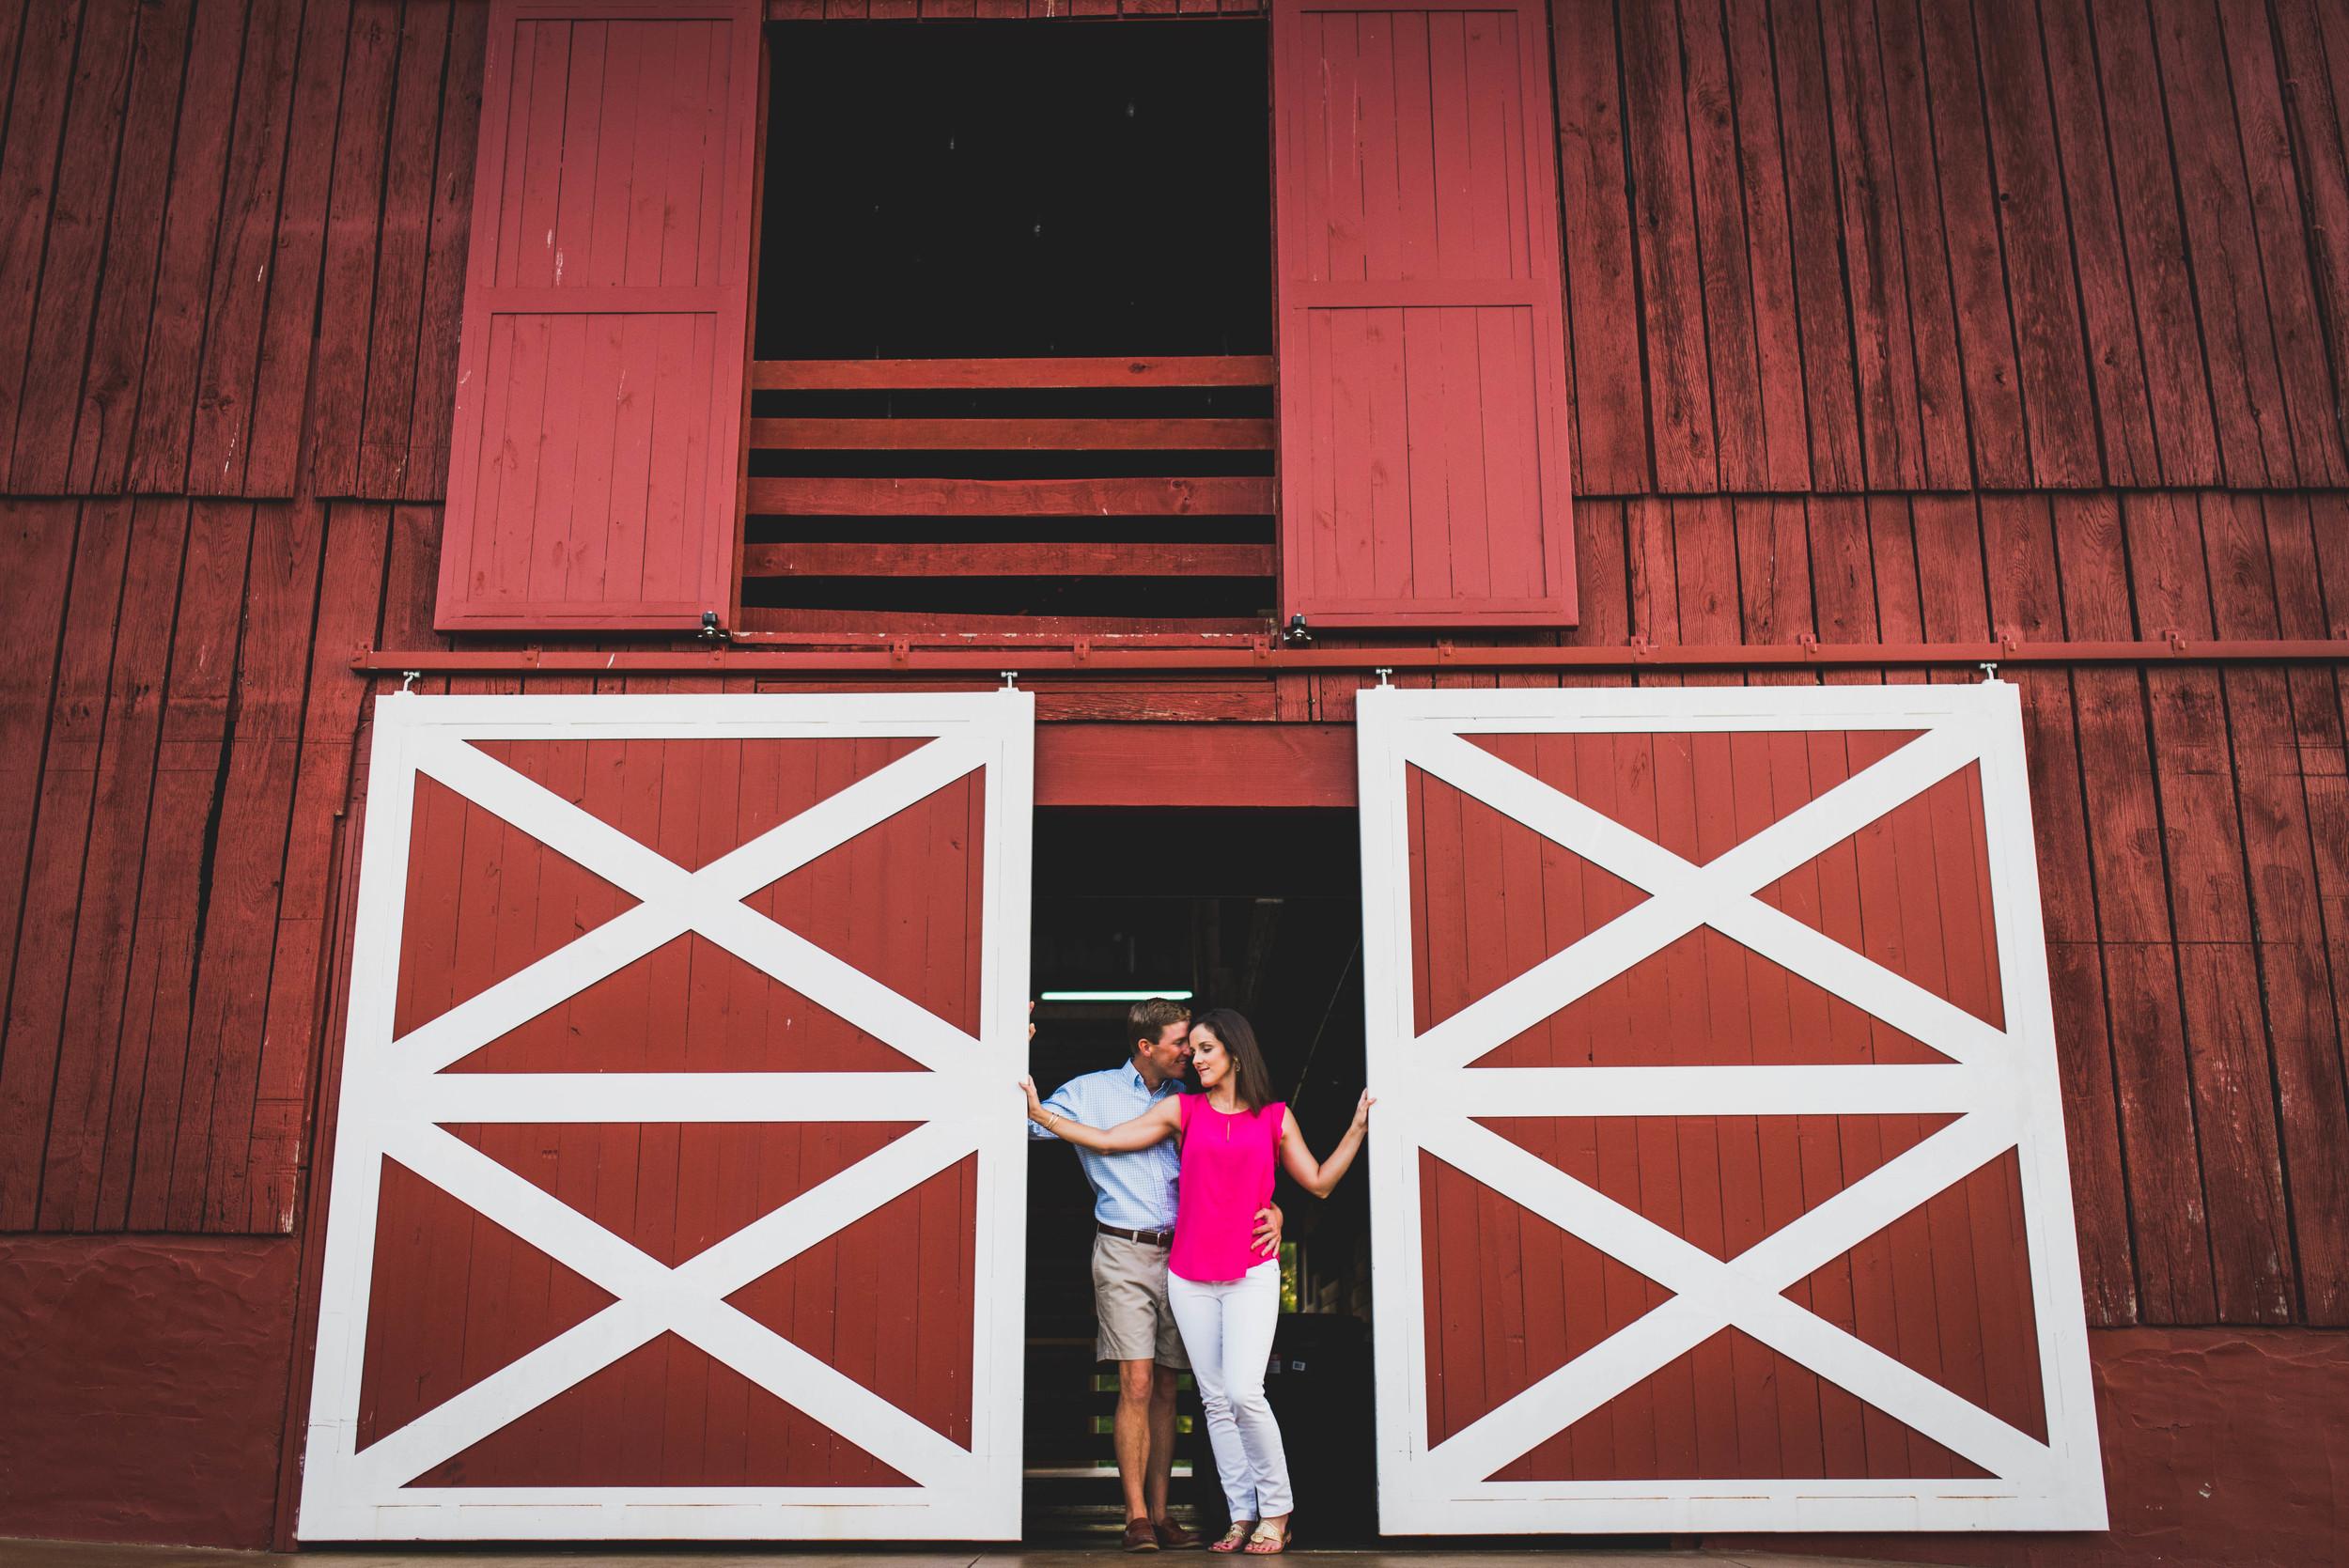 Arrington-Vineyard-Nashville-Wedding-Photographer-19.jpg